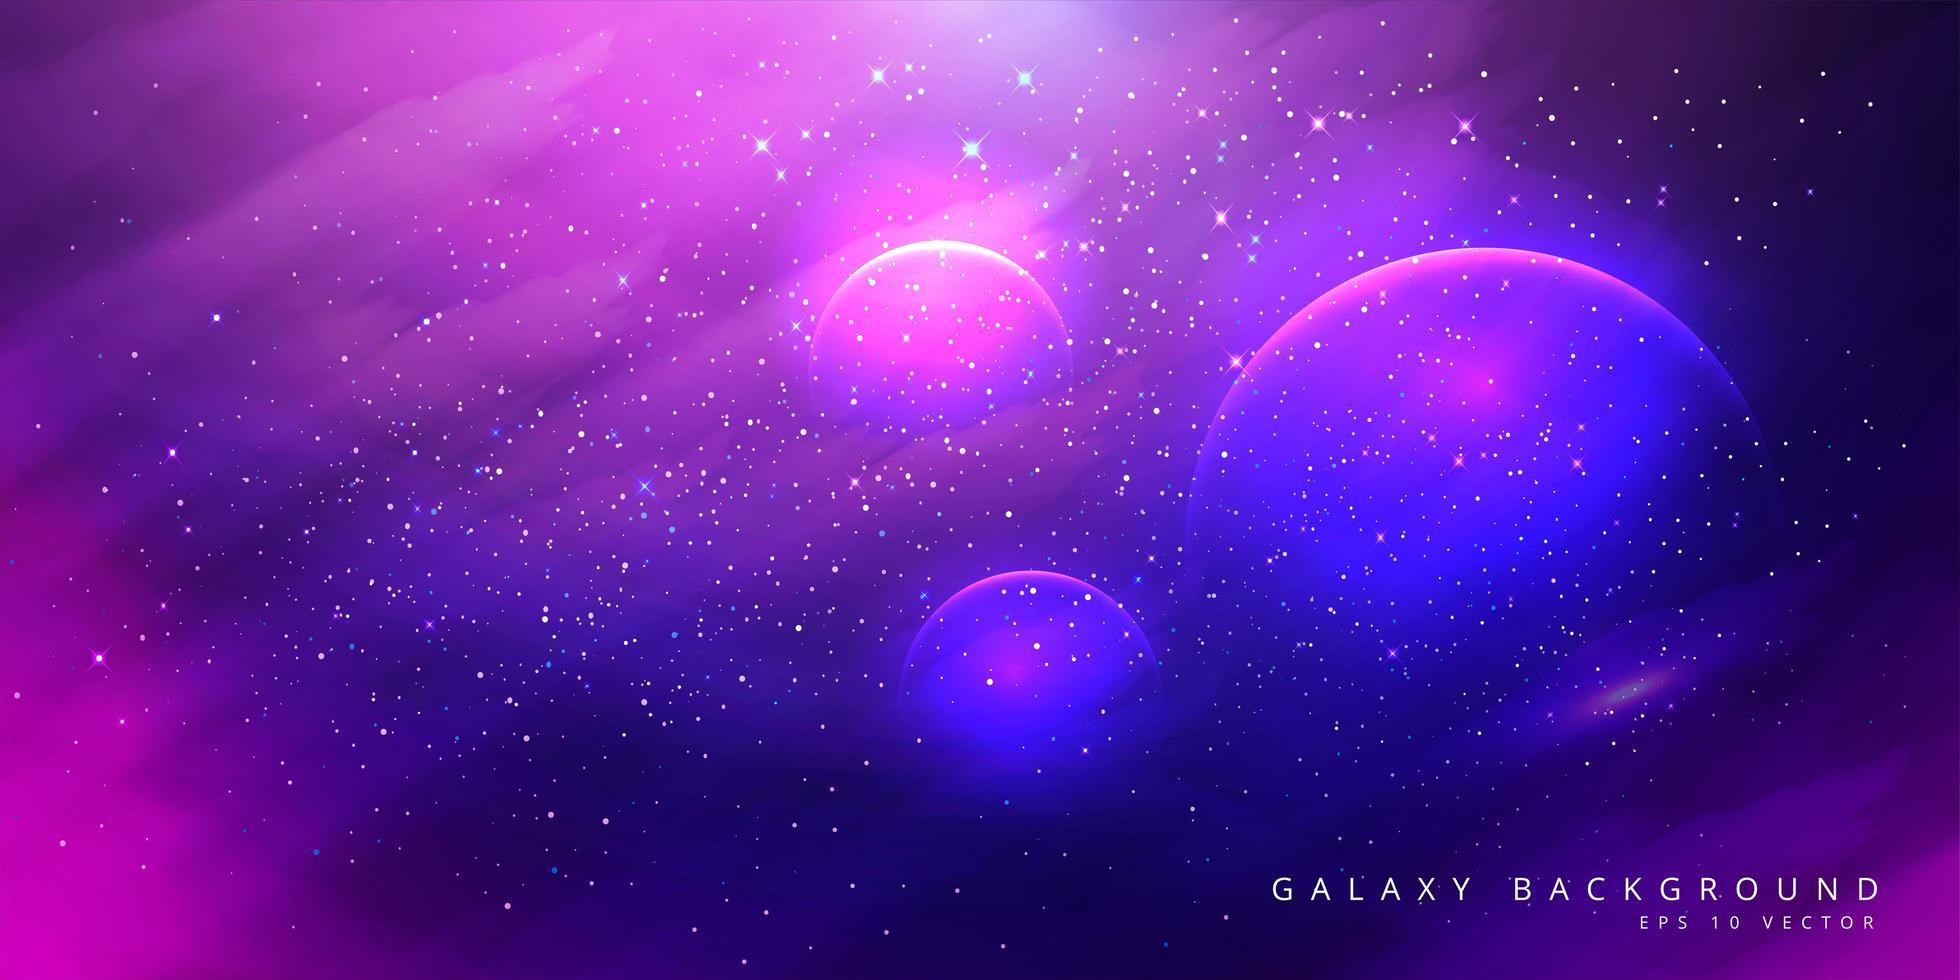 fond de galaxie espace coloré avec des étoiles brillantes vecteur